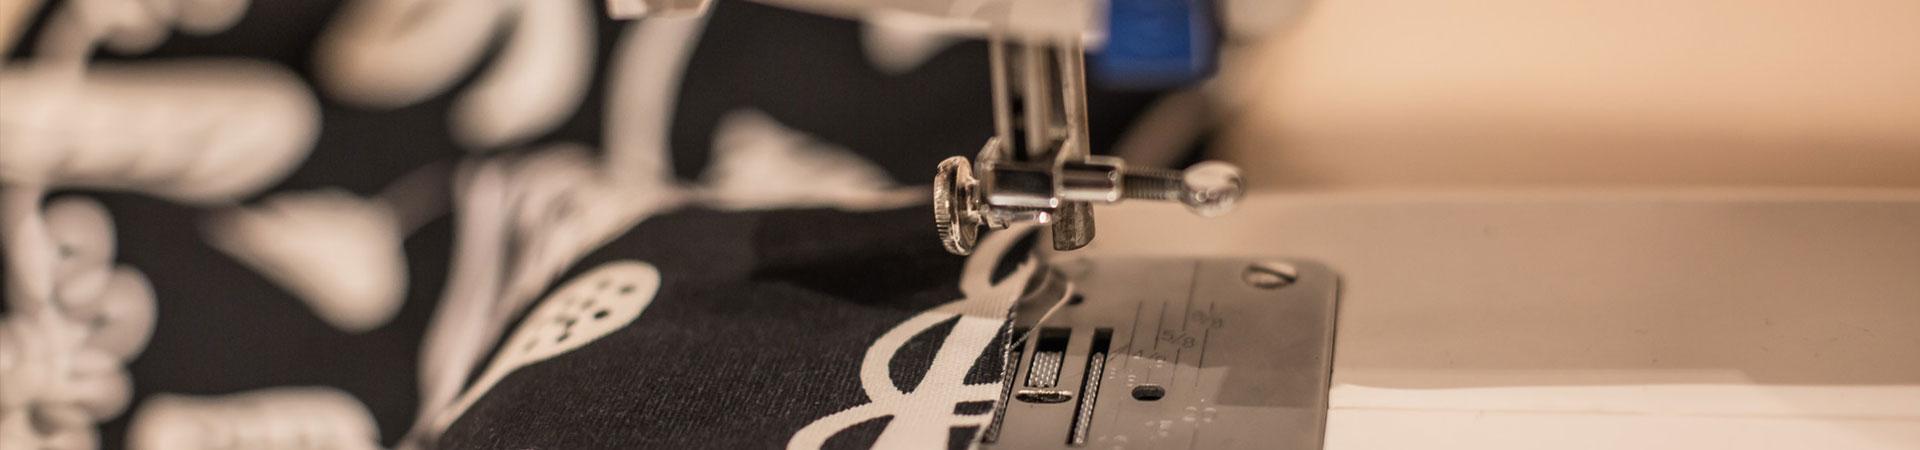 关于浩然家纺